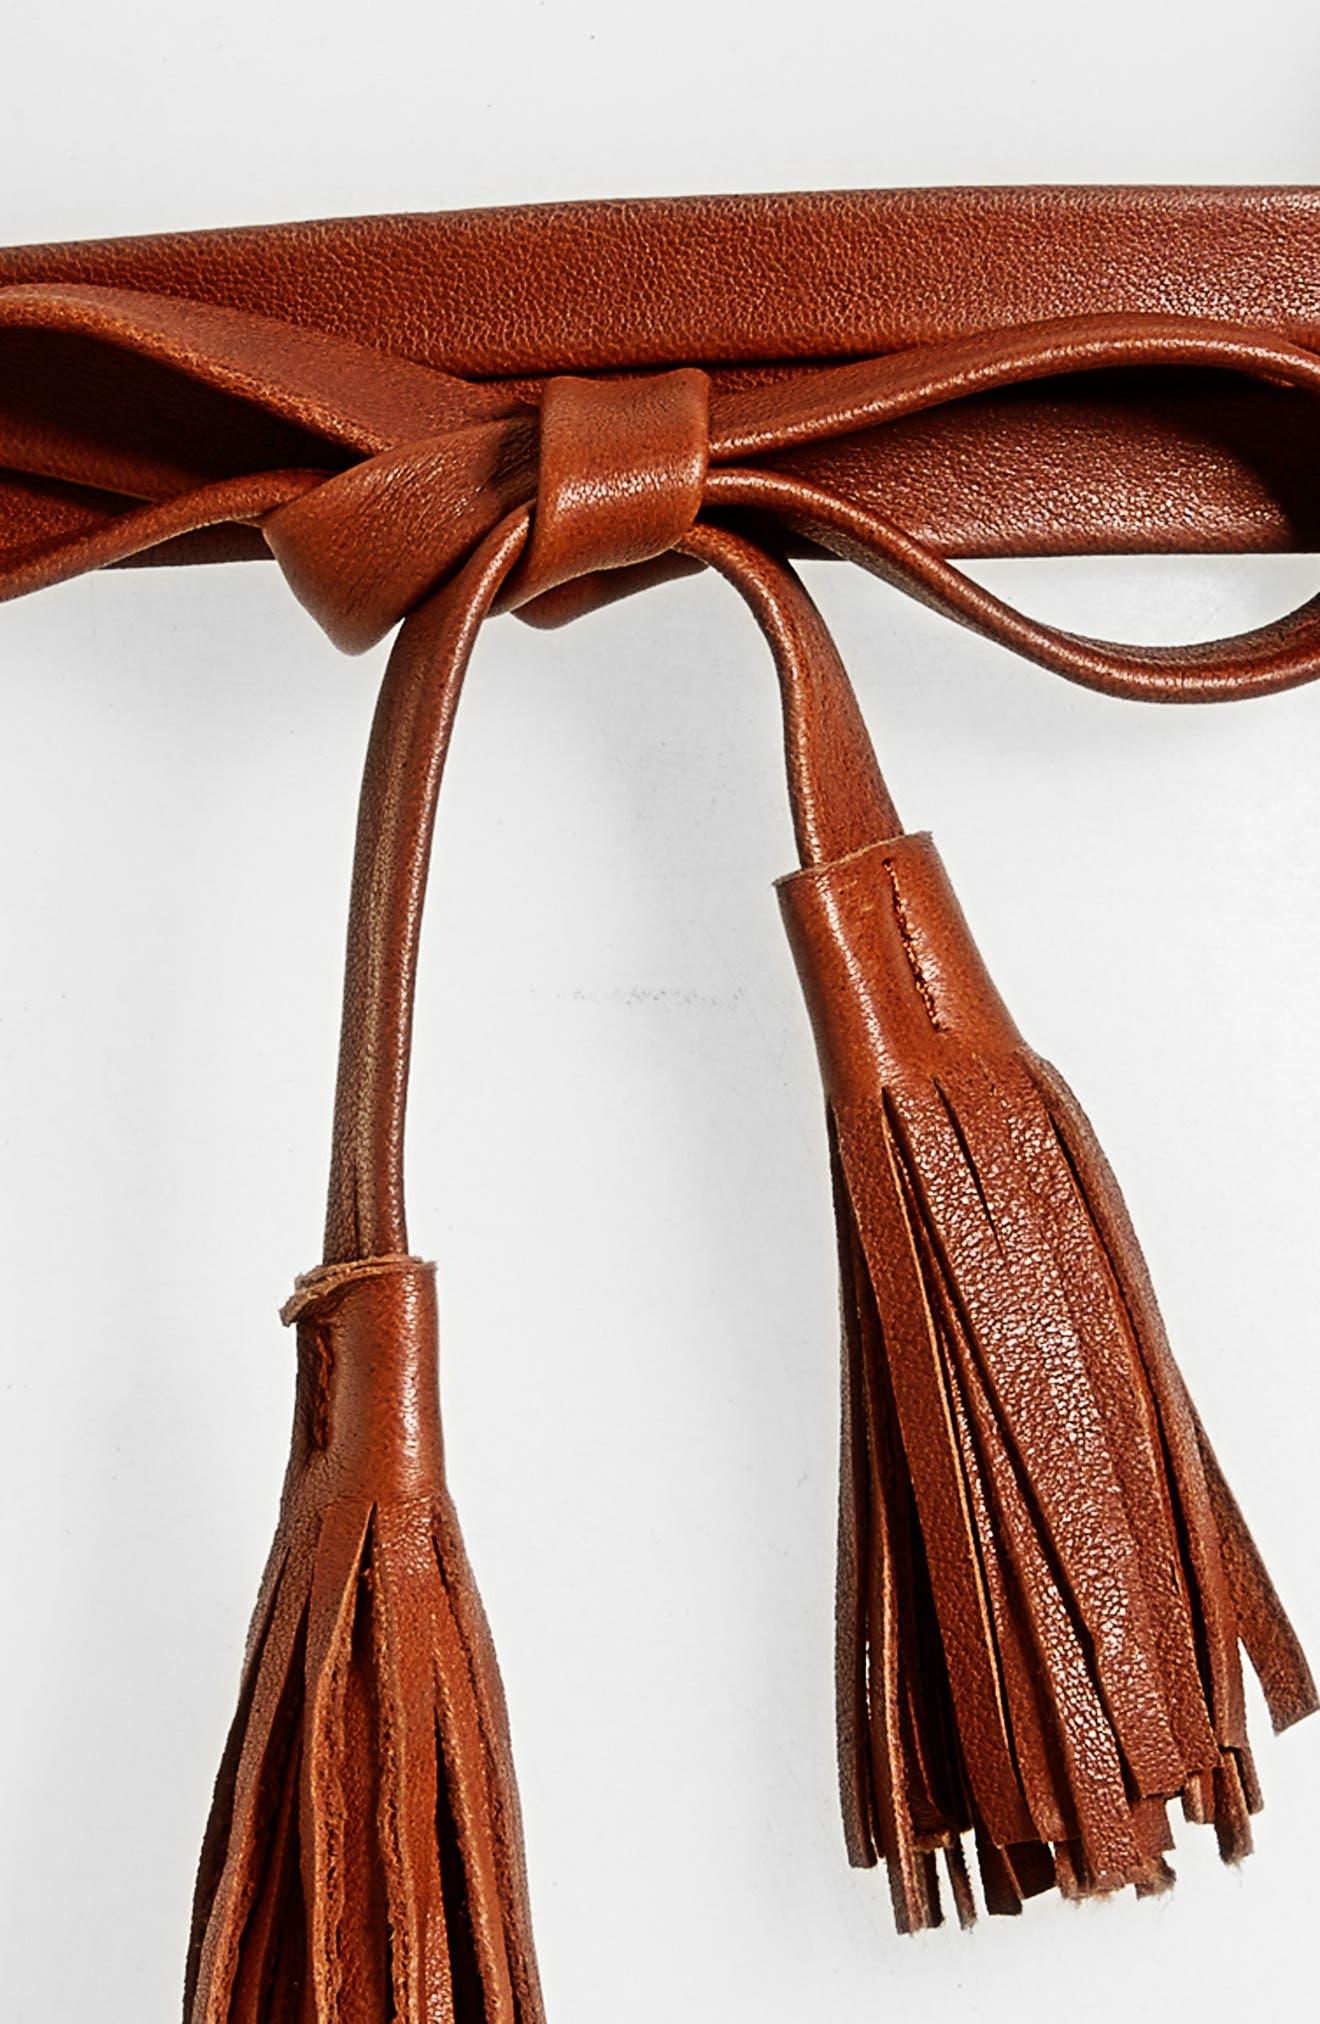 Bronco Leather Wrap Belt,                             Alternate thumbnail 3, color,                             COGNAC